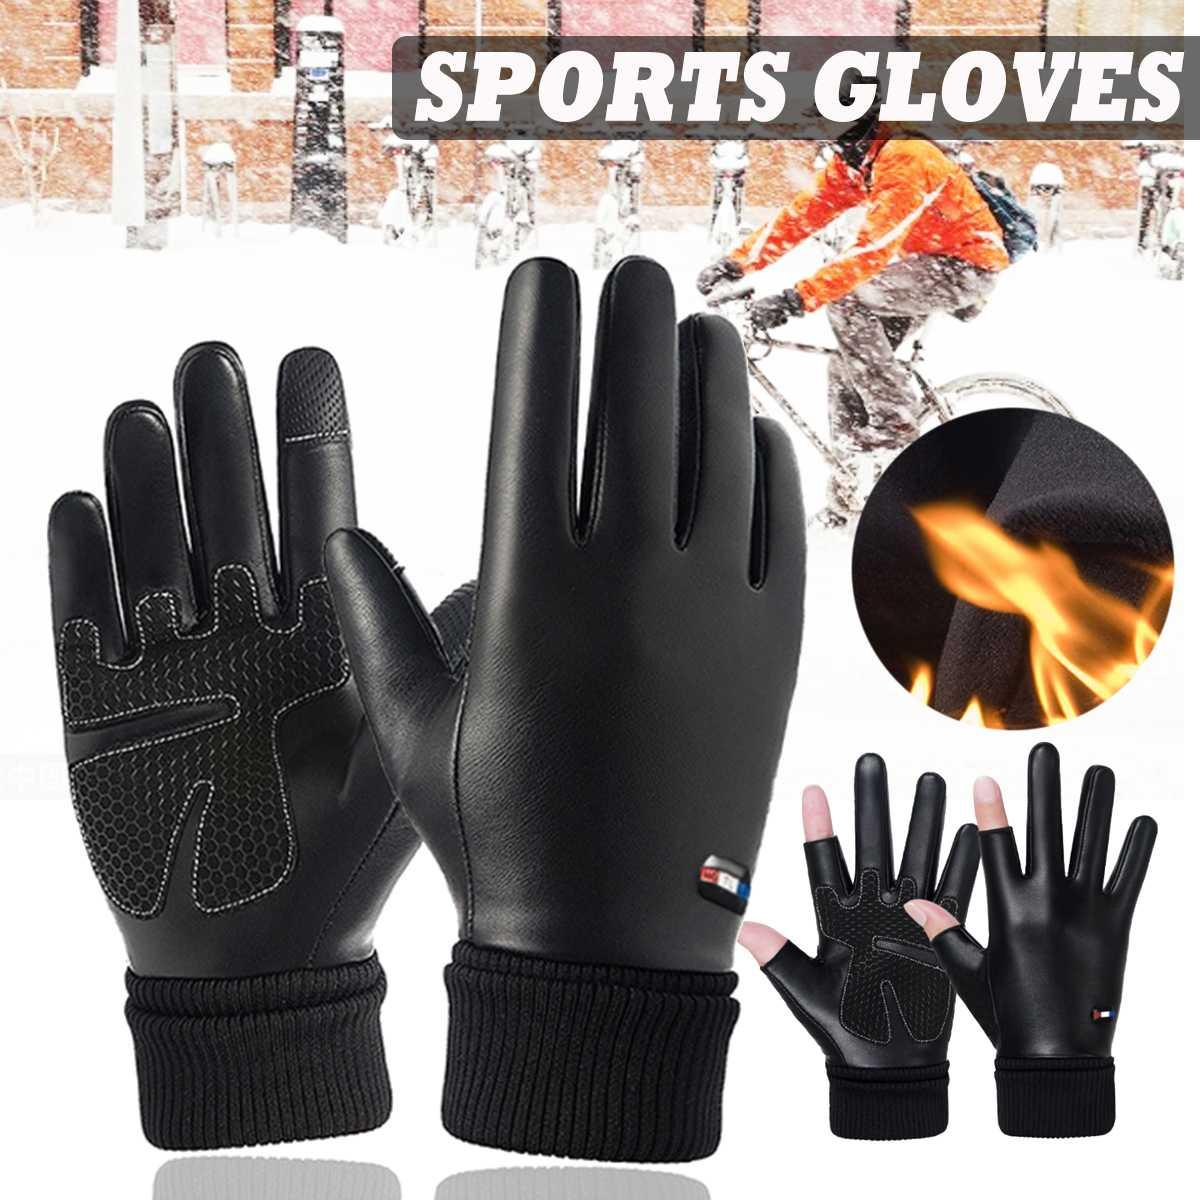 Motorrad Handschuhe Winter Verdicken Wärmer Motorrad Roller Muffs Wasserdicht Winddicht für Männer Frauen Motorrad Racing